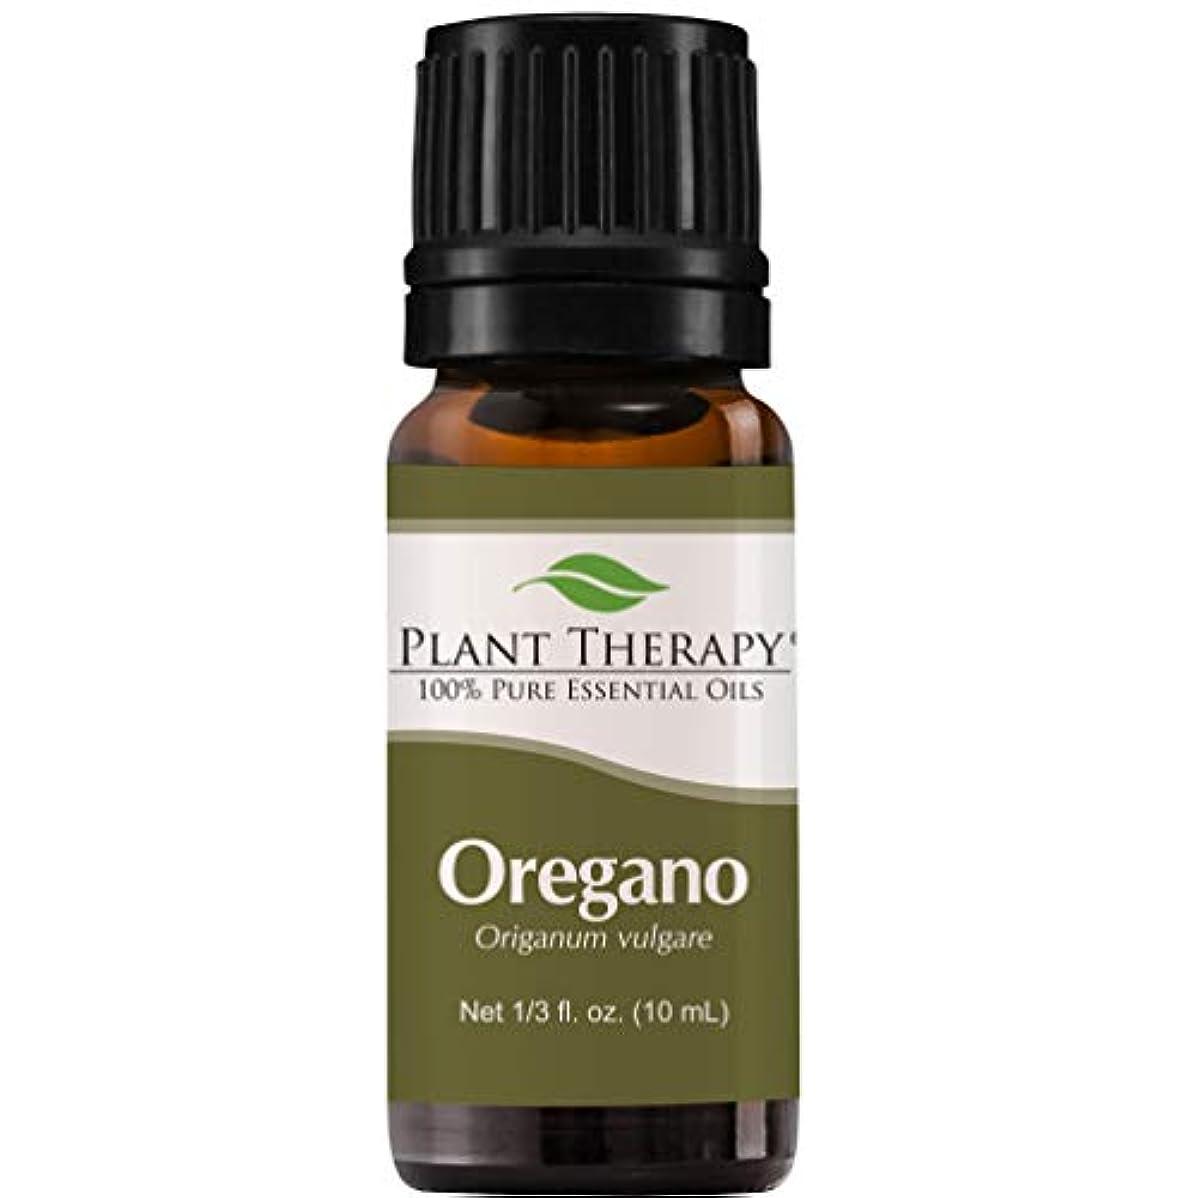 オアシス受粉する勘違いするPlant Therapy Essential Oils (プラントセラピー エッセンシャルオイル) オレガノ (オリガヌム) エッセンシャルオイル